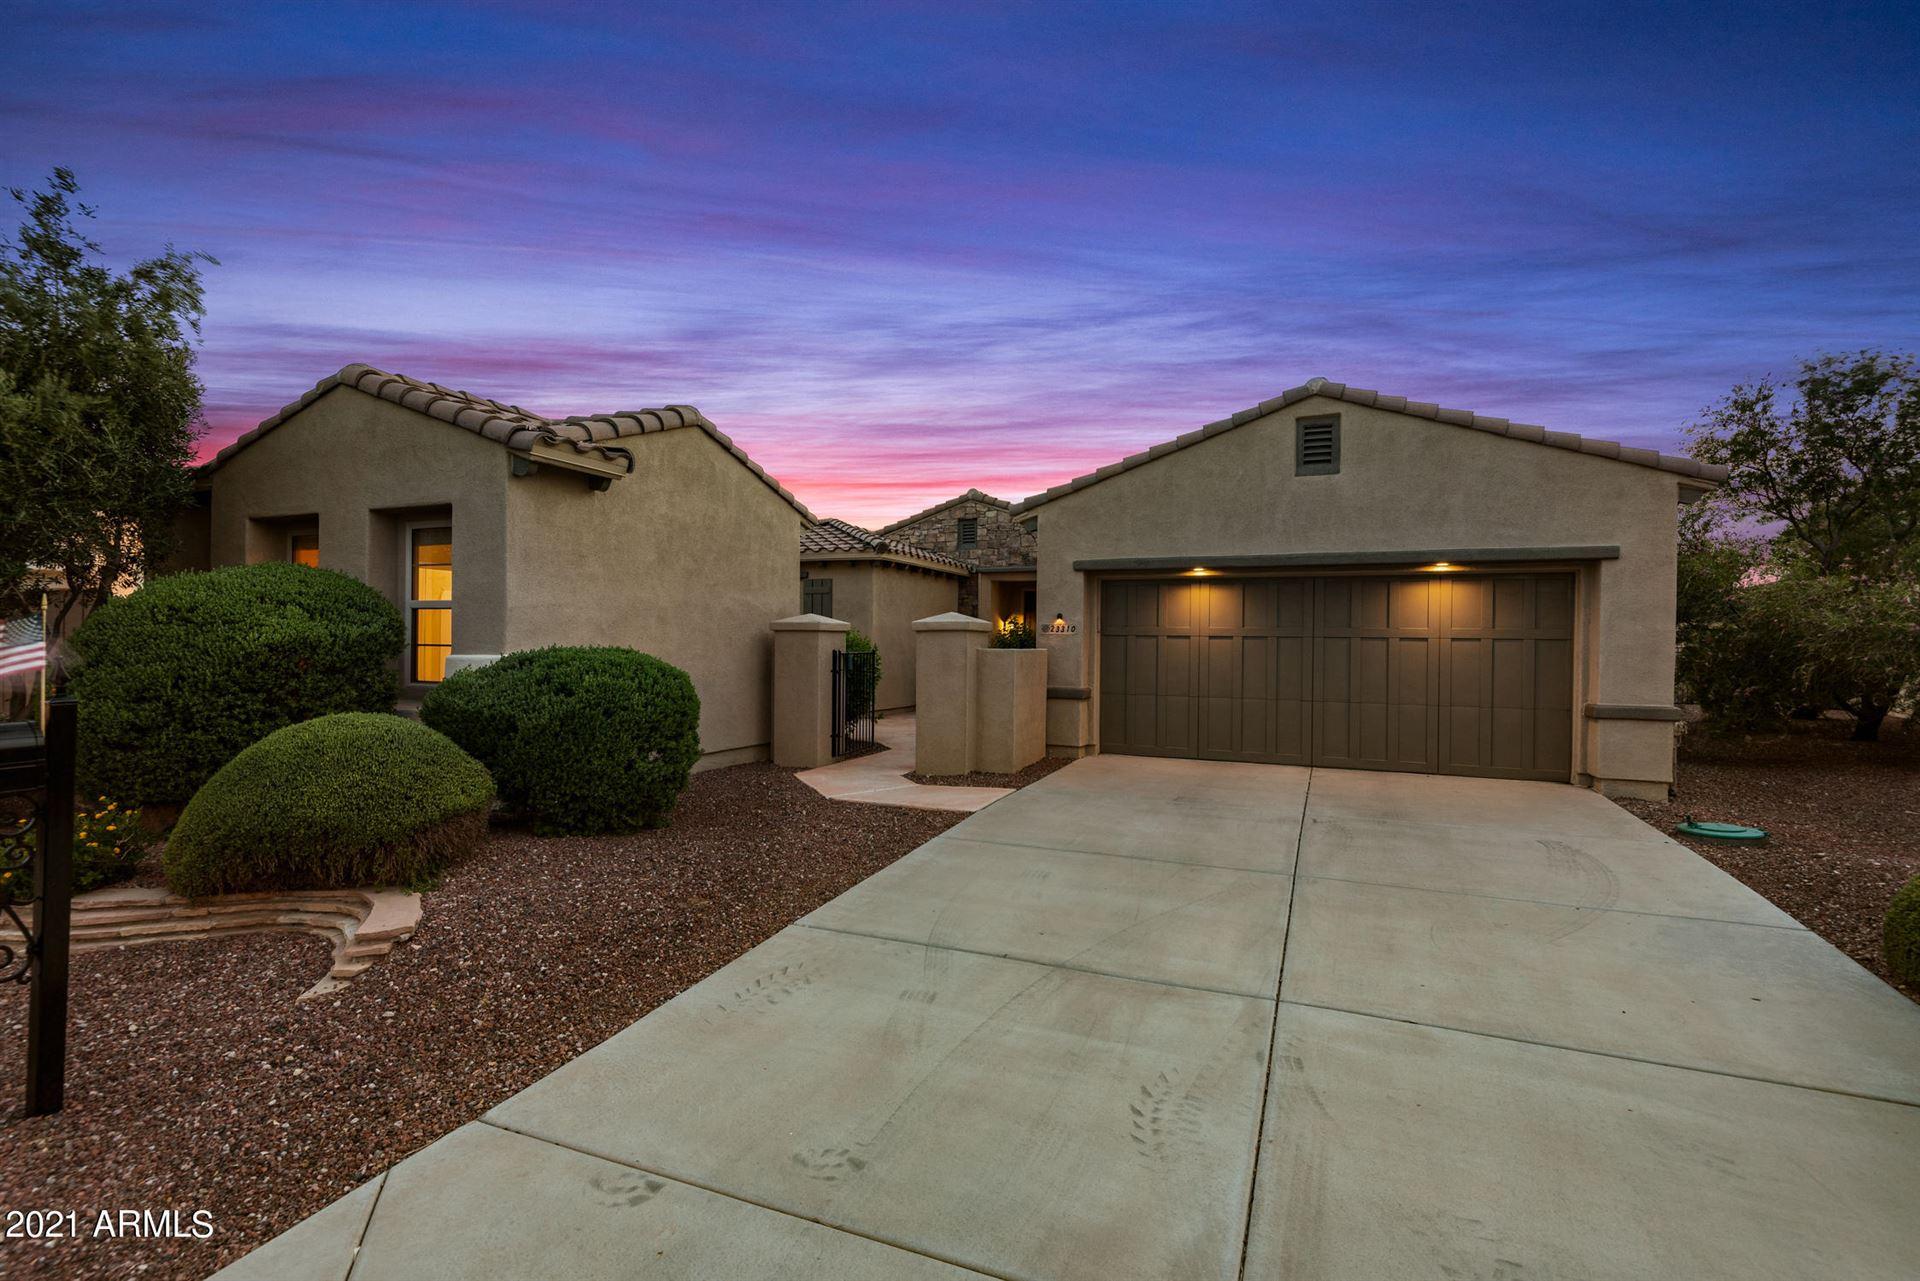 Photo of 23310 N LAS ALTURAS Drive, Sun City West, AZ 85375 (MLS # 6268470)